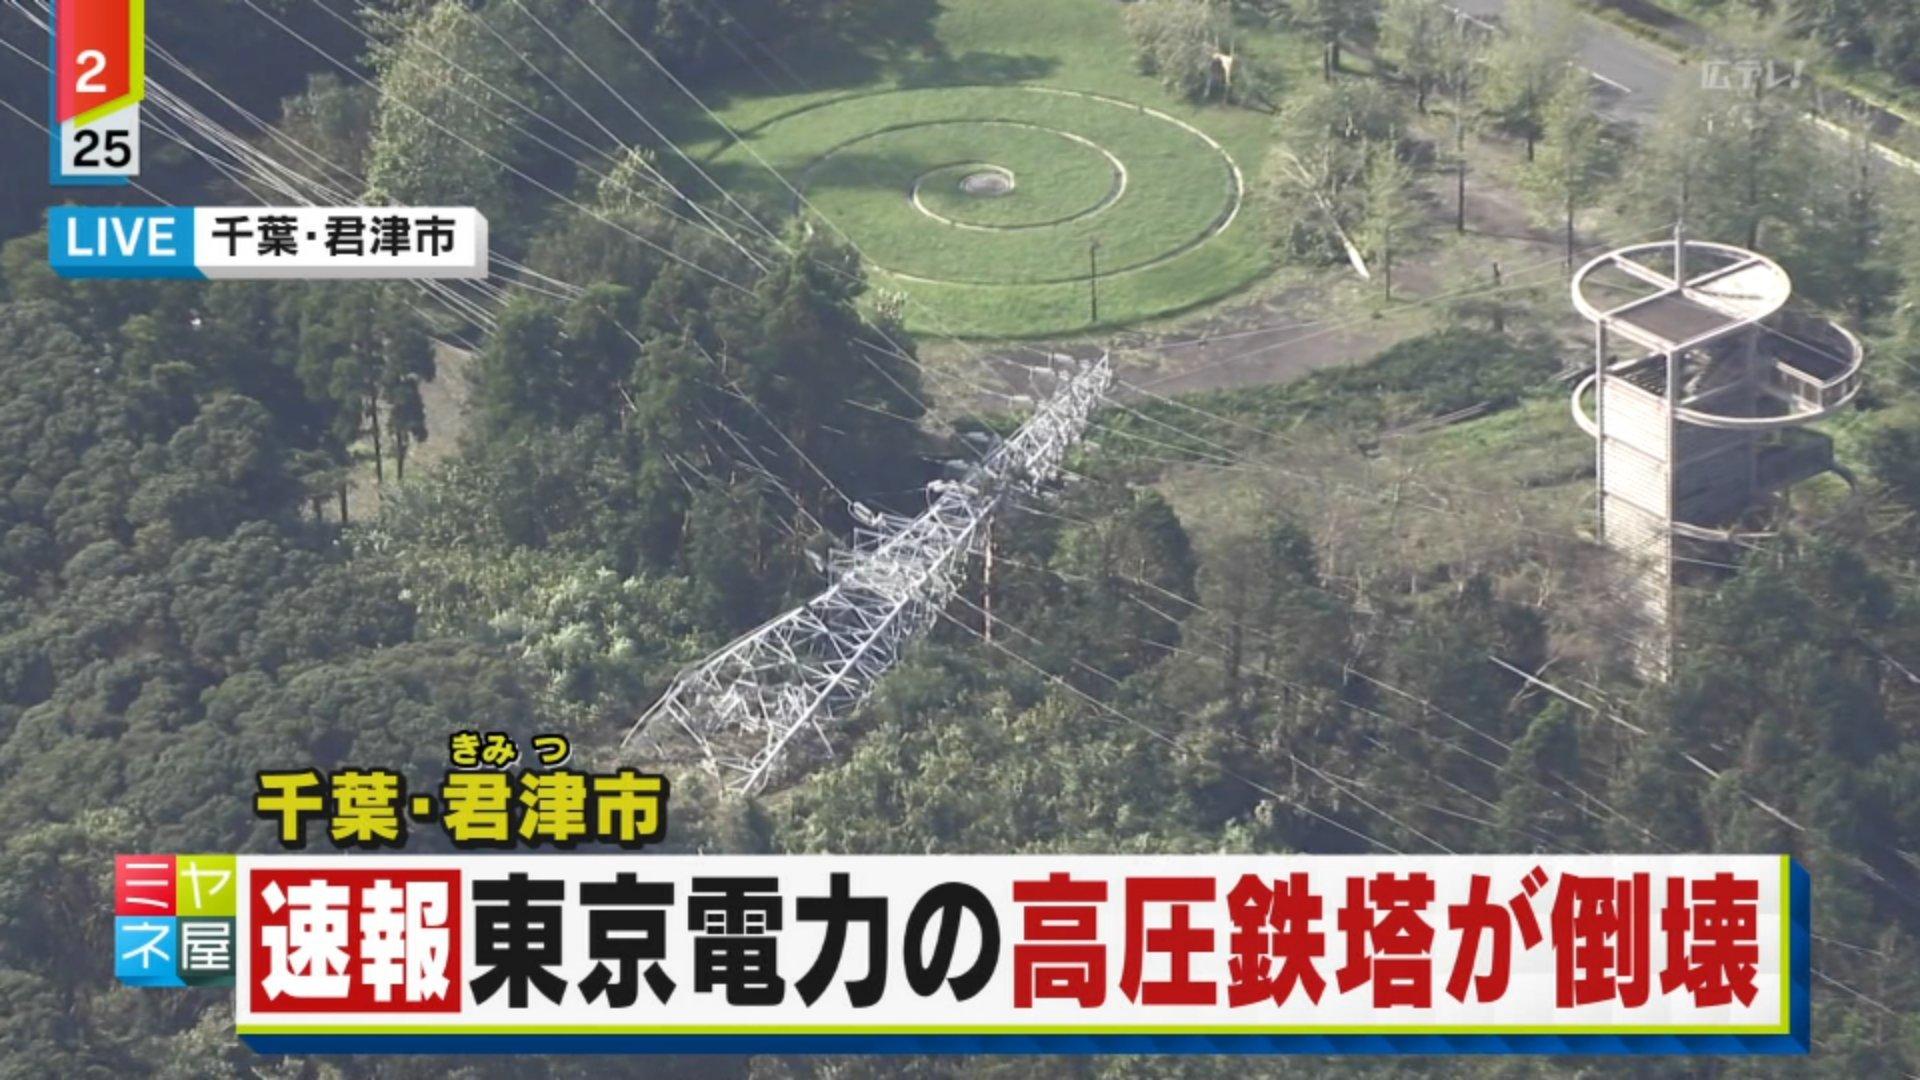 画像,千葉県君津市で東京電力の50メートル高圧鉄塔2本が倒壊 https://t.co/rbuT7z0y83。